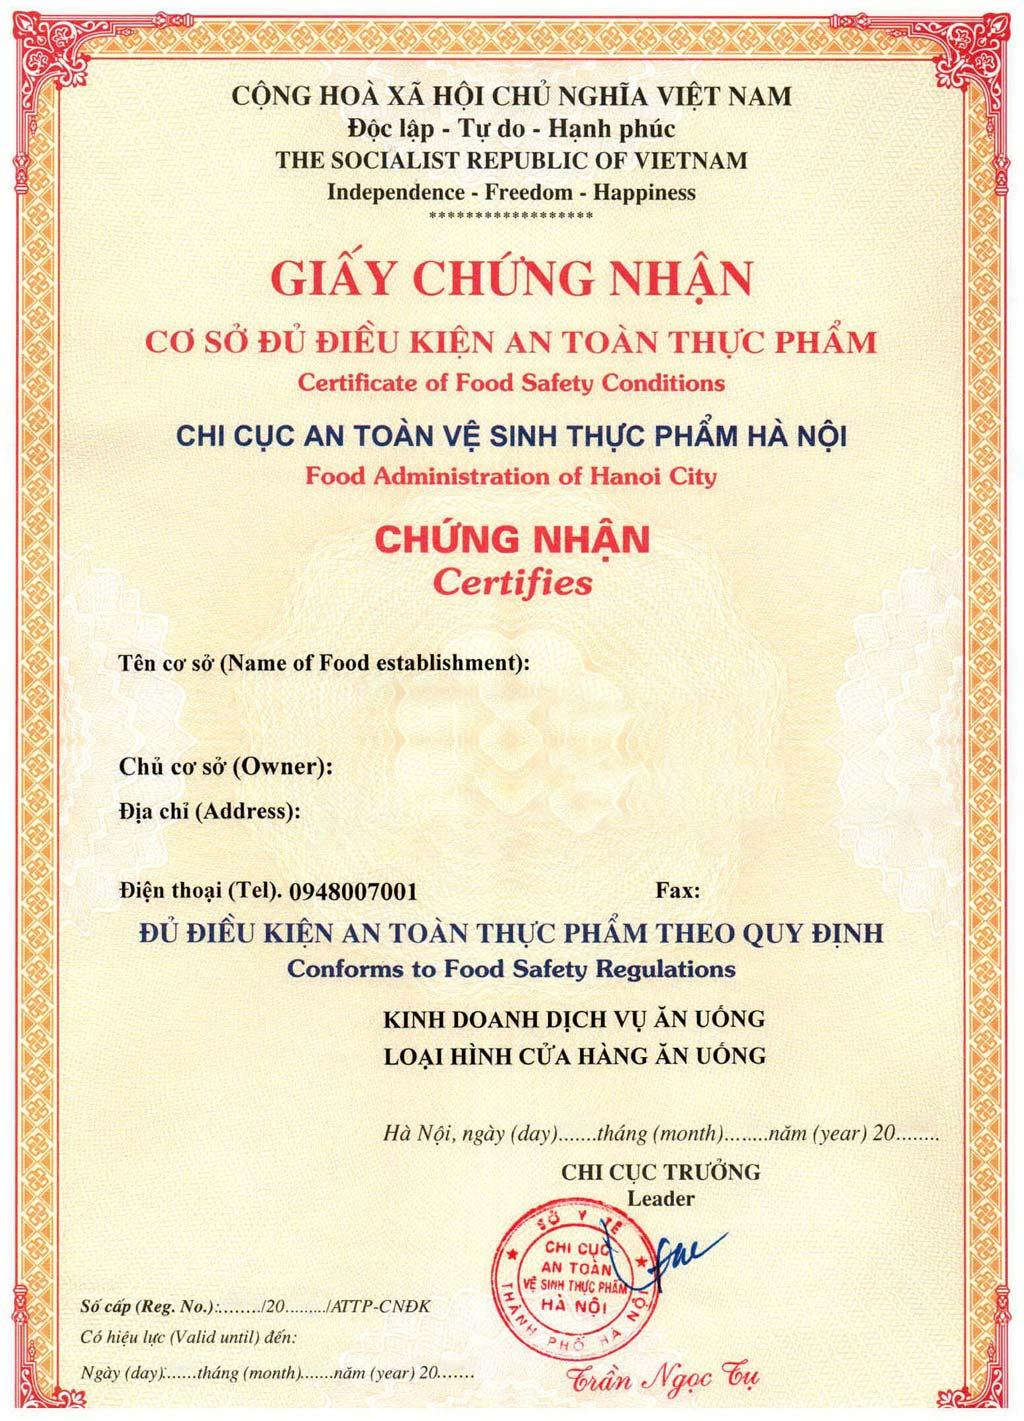 Xin giấy chứng nhận cơ sở đủ điều kiện vệ sinh an toàn thực phẩm